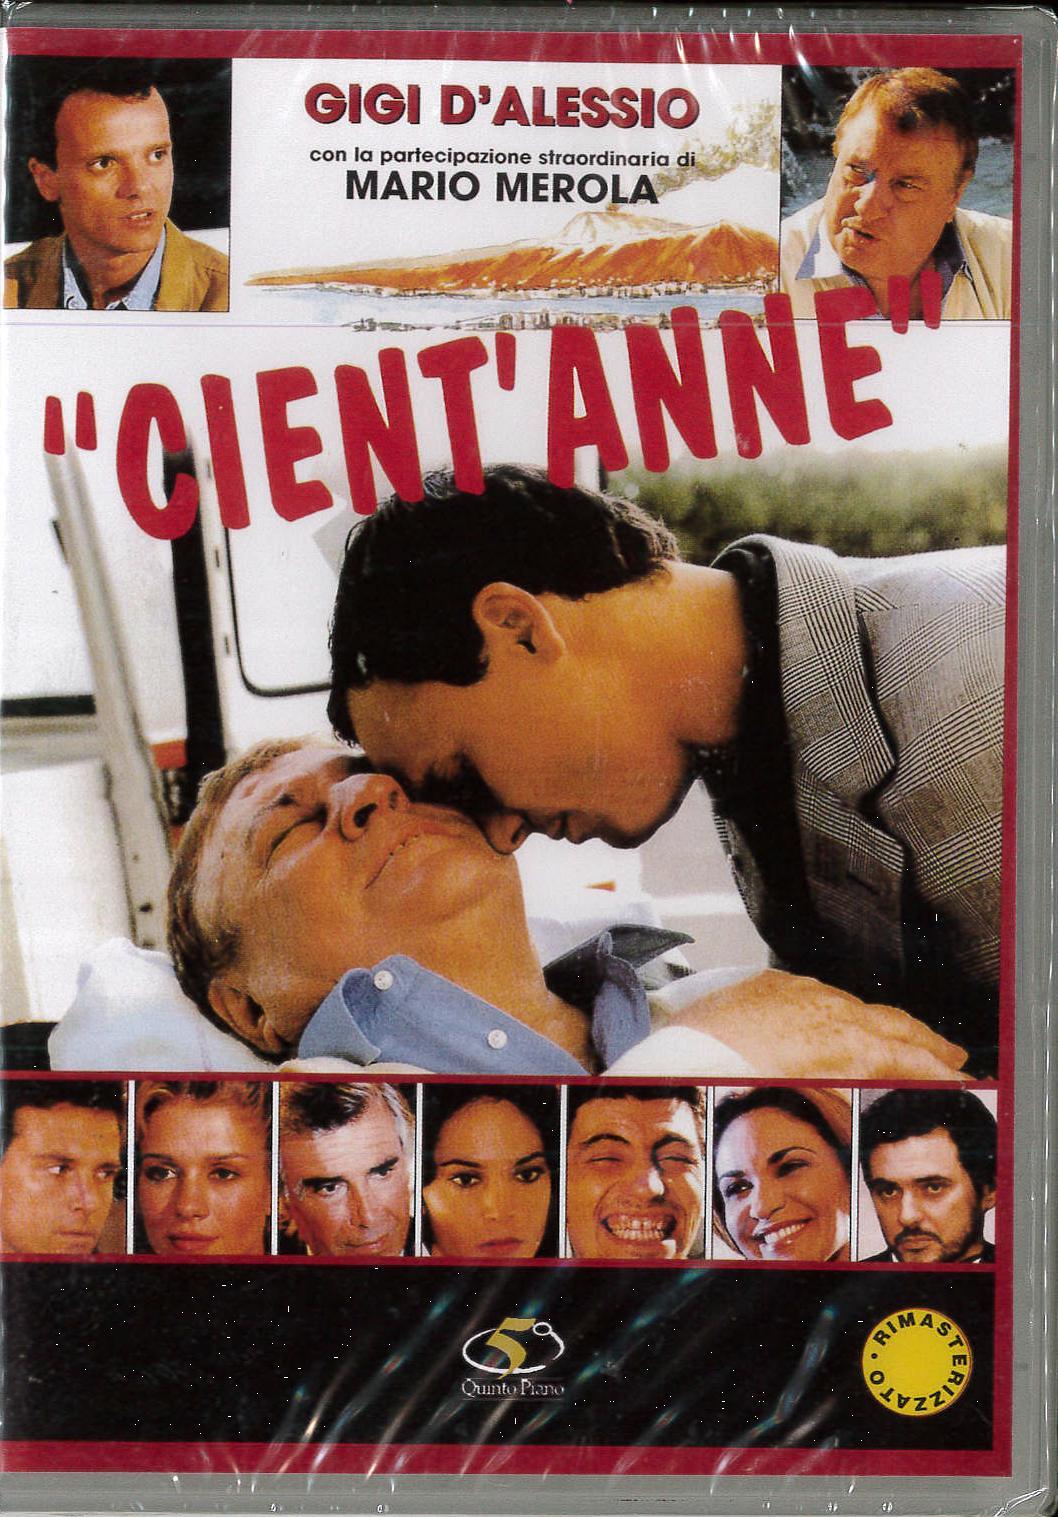 CIENT'ANNE (DVD)